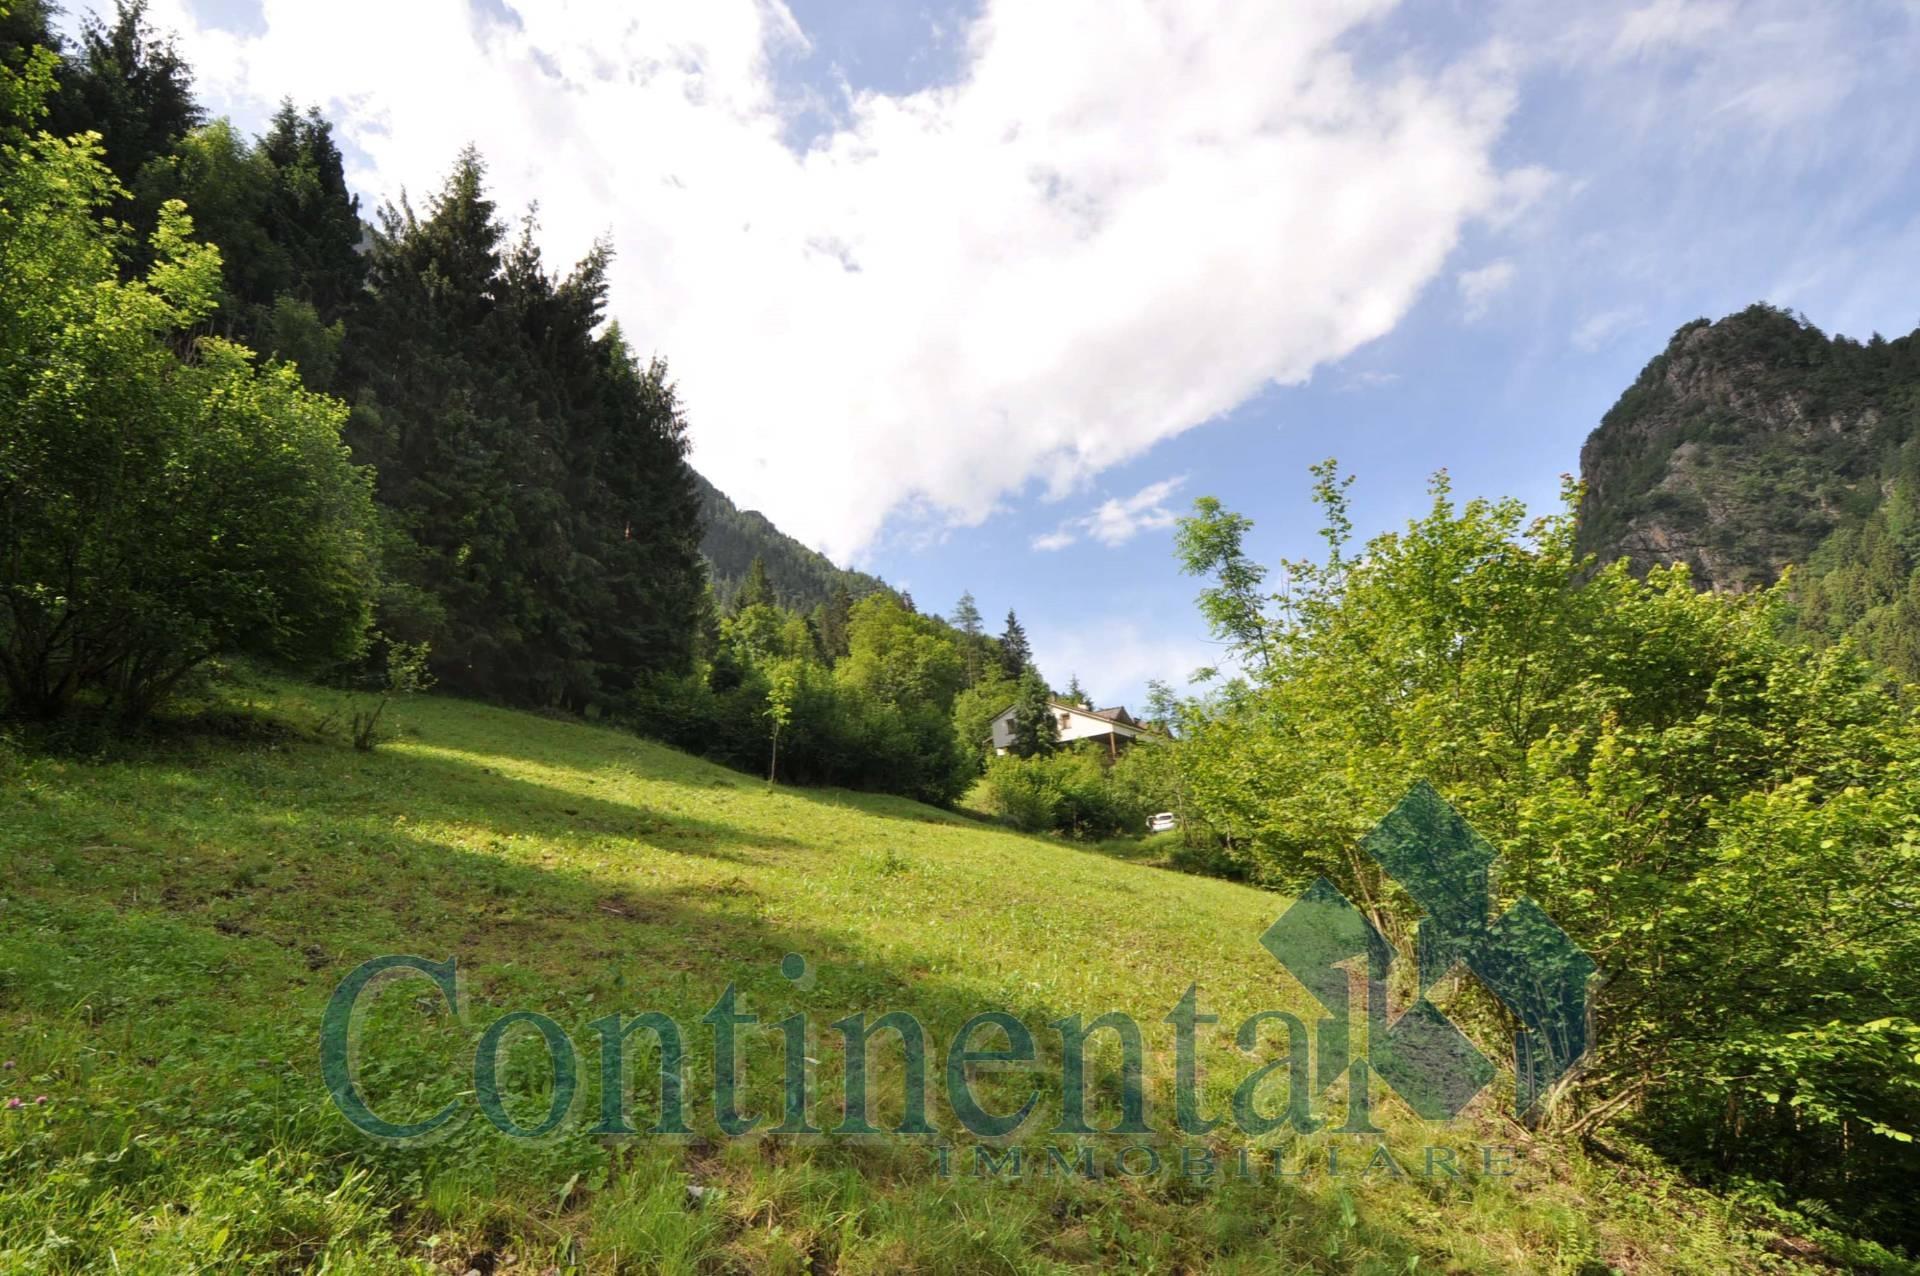 Terreno Edificabile Residenziale in vendita a Isola di Fondra, 9999 locali, prezzo € 32.000 | PortaleAgenzieImmobiliari.it